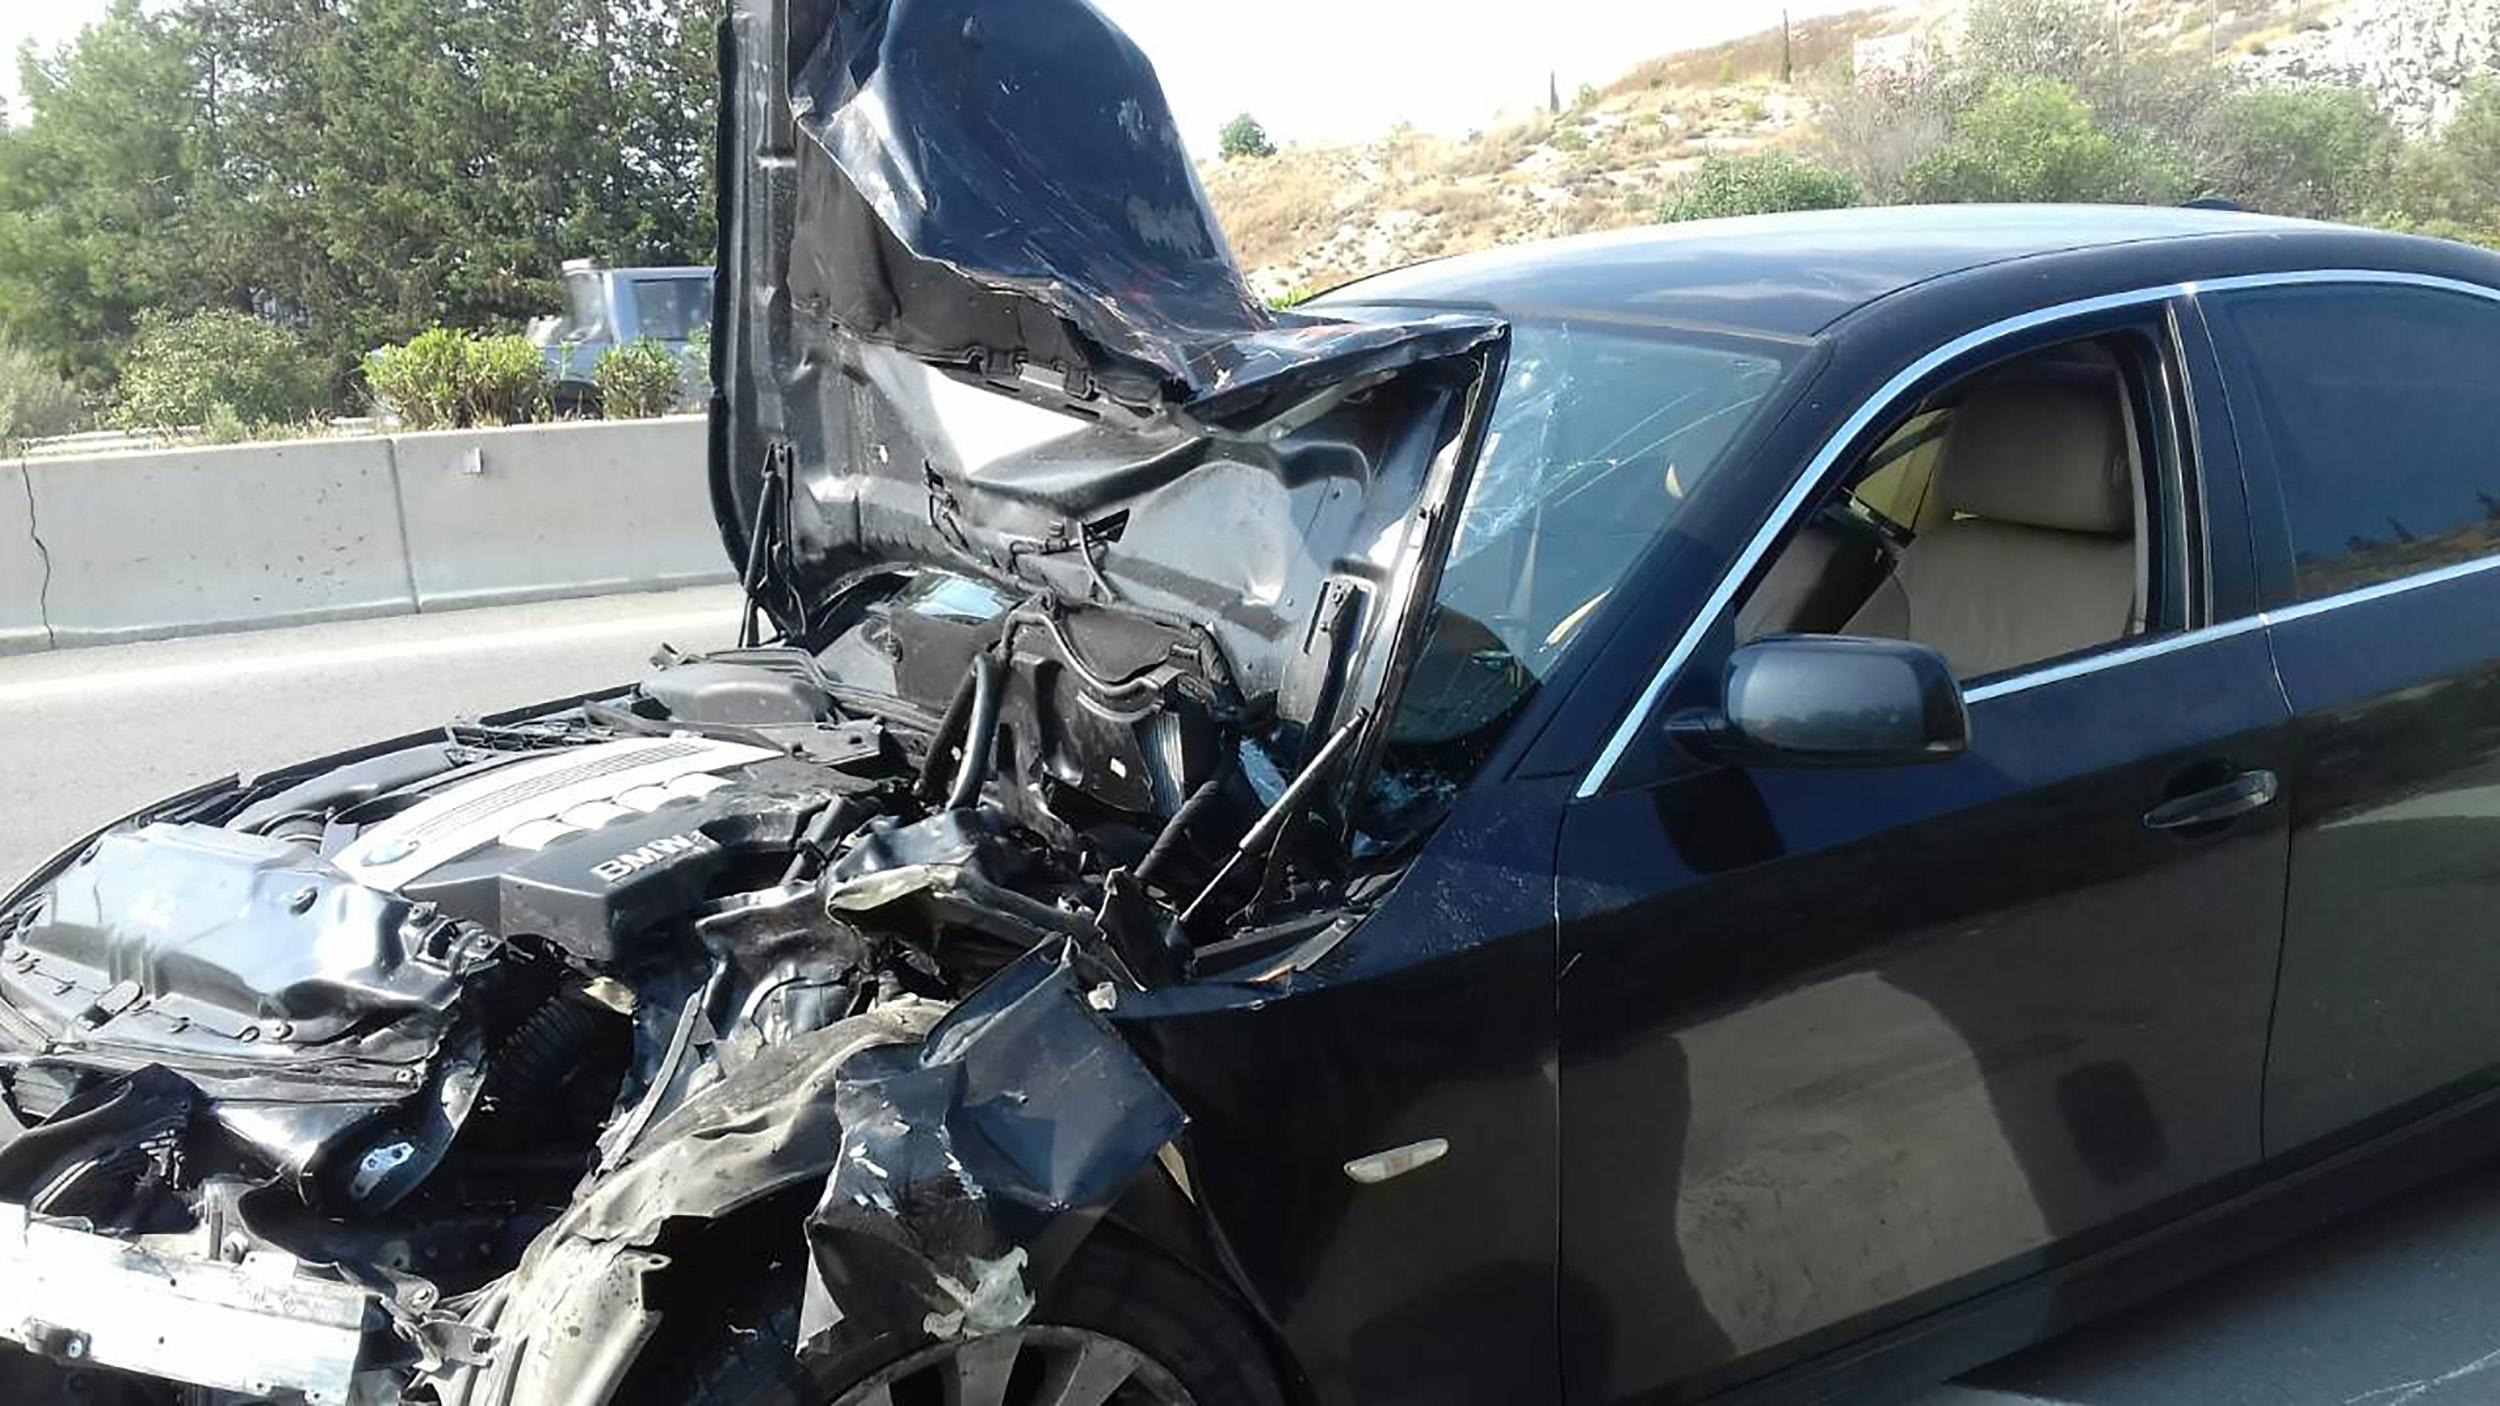 Θανατηφόρο Λάρνακας: Συνελήφθη ο οδηγός του σαλούν οχήματος